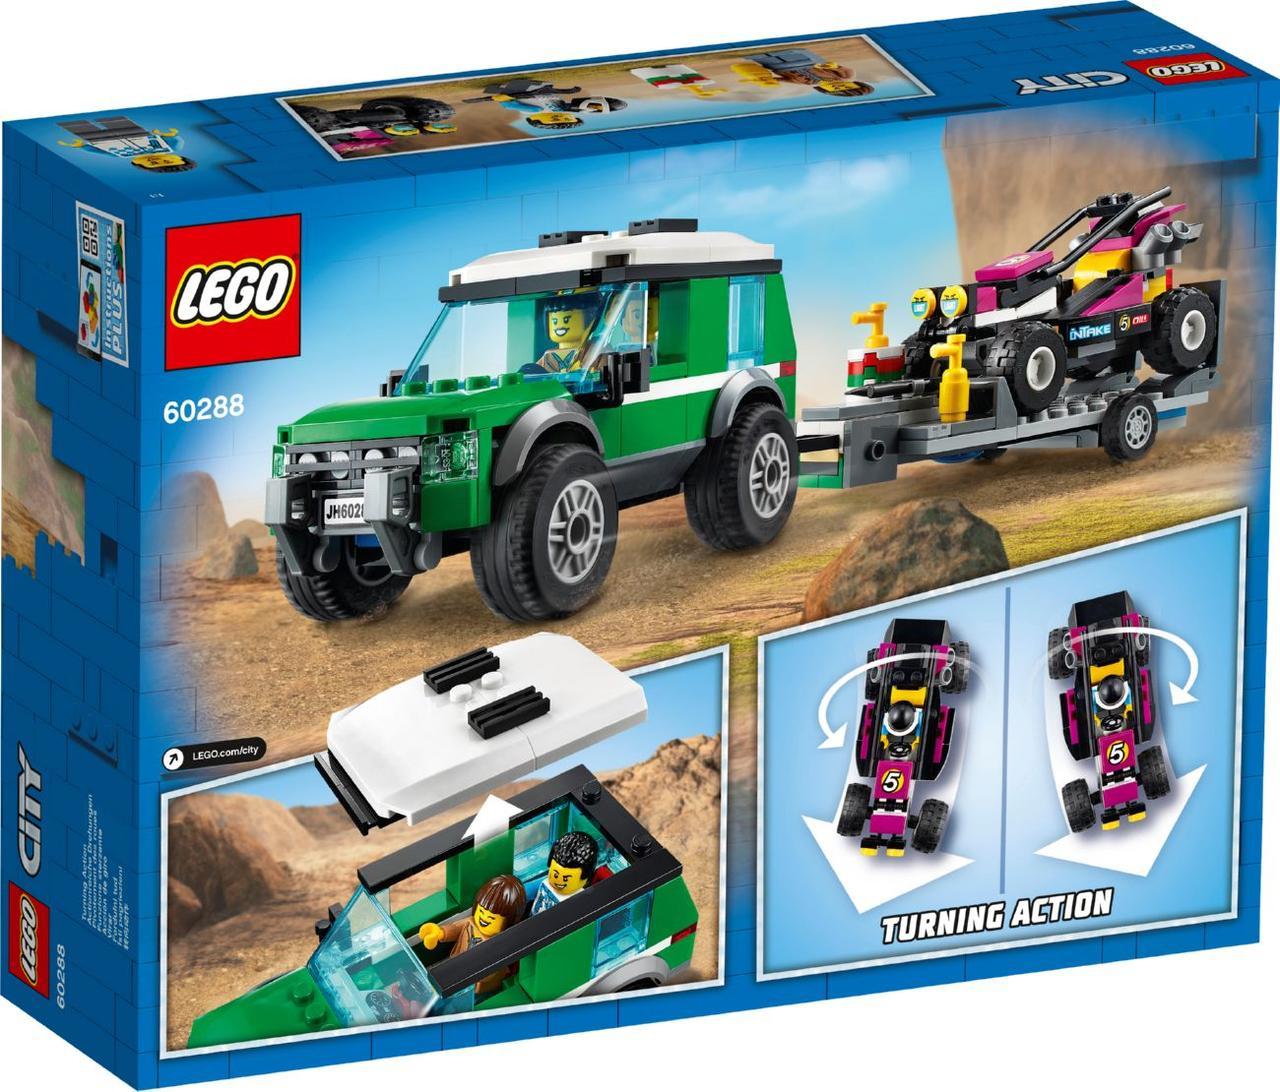 Lego City Транспортування карта 60288